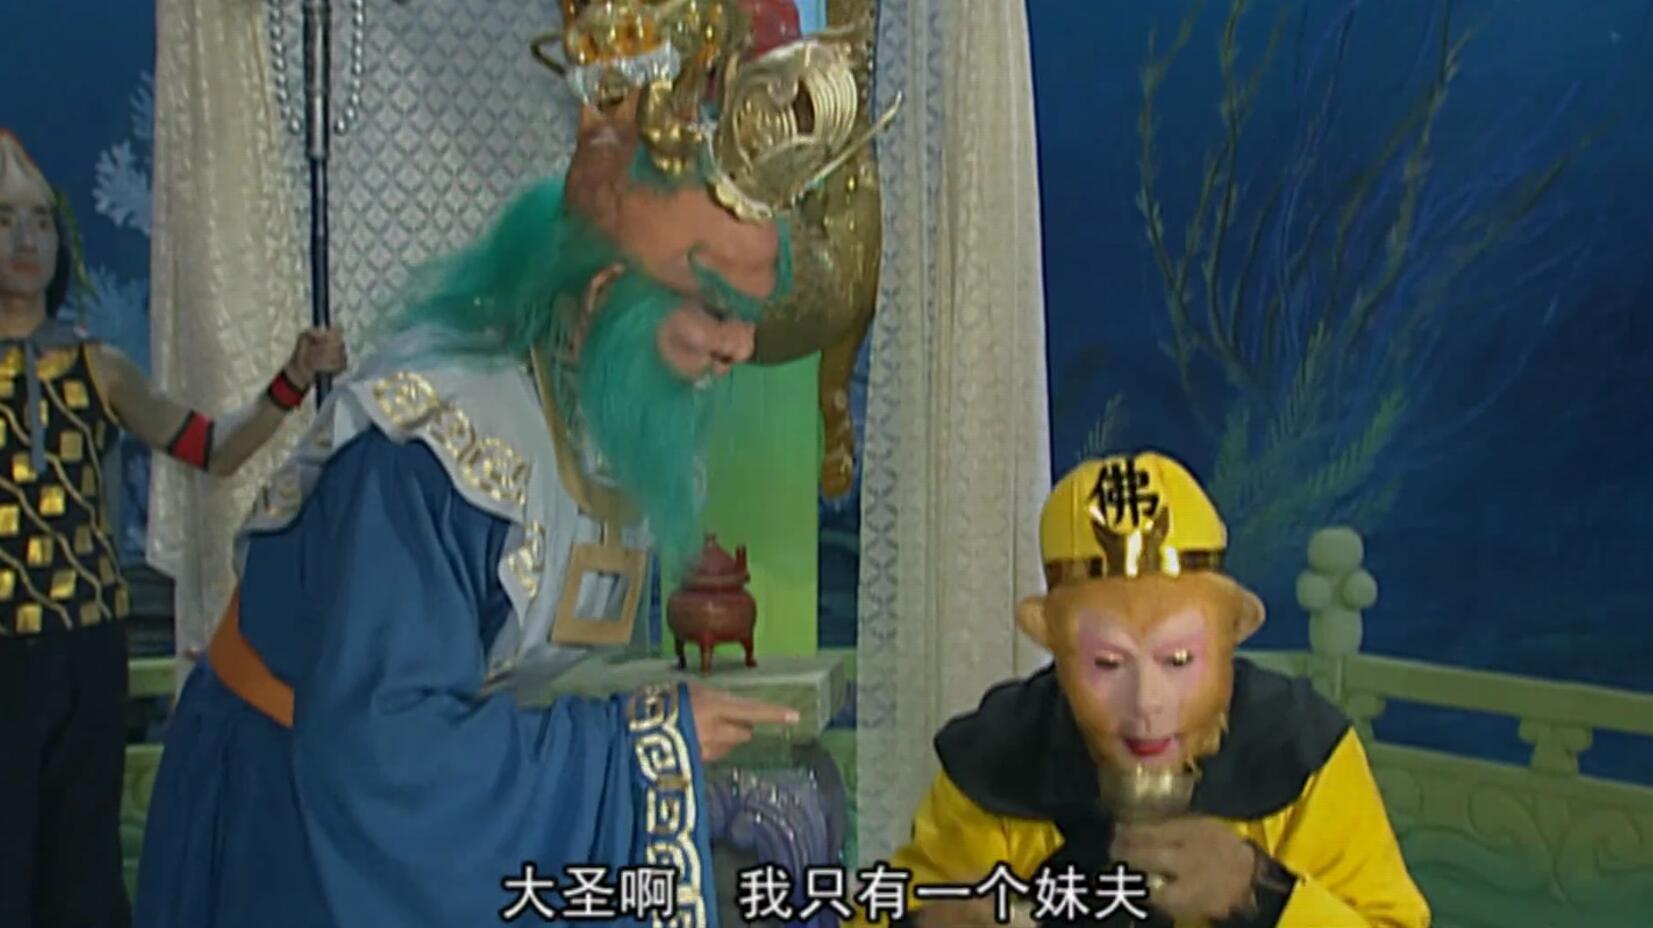 西游记后传1:唐僧师徒取经归来功德圆满,悟空为泾河龙王伸冤